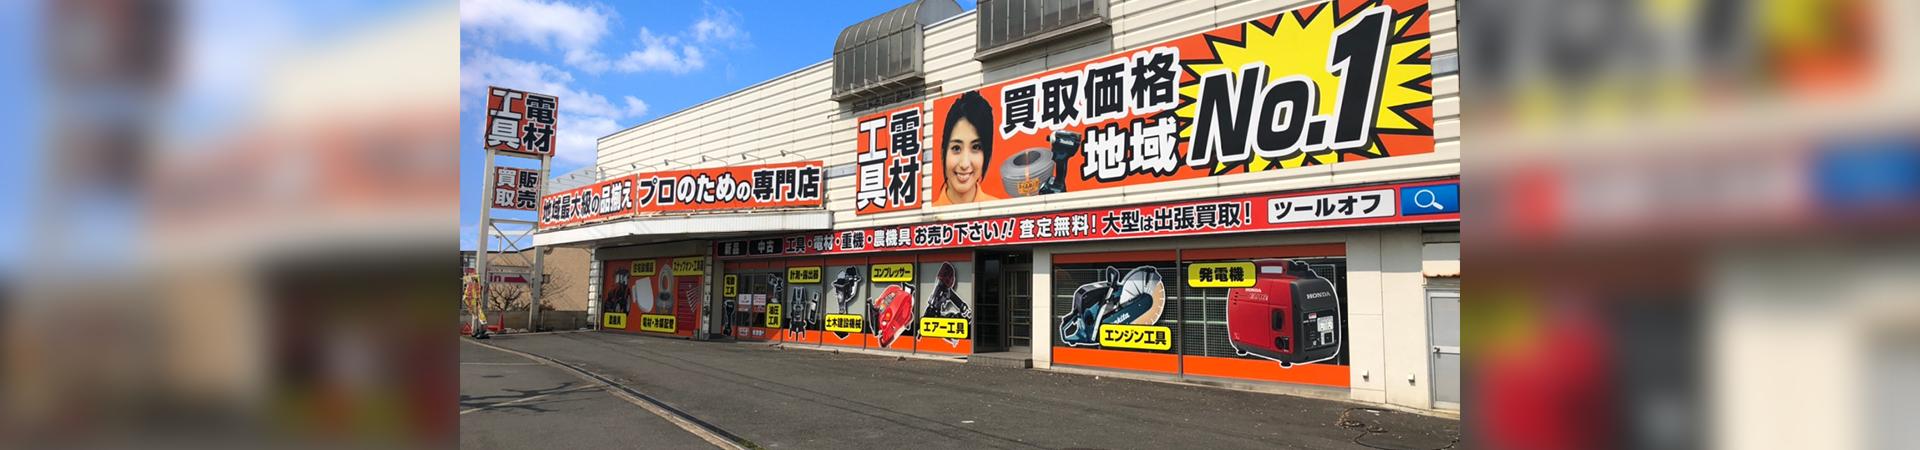 福山市で工具の買取ならツールオフへ